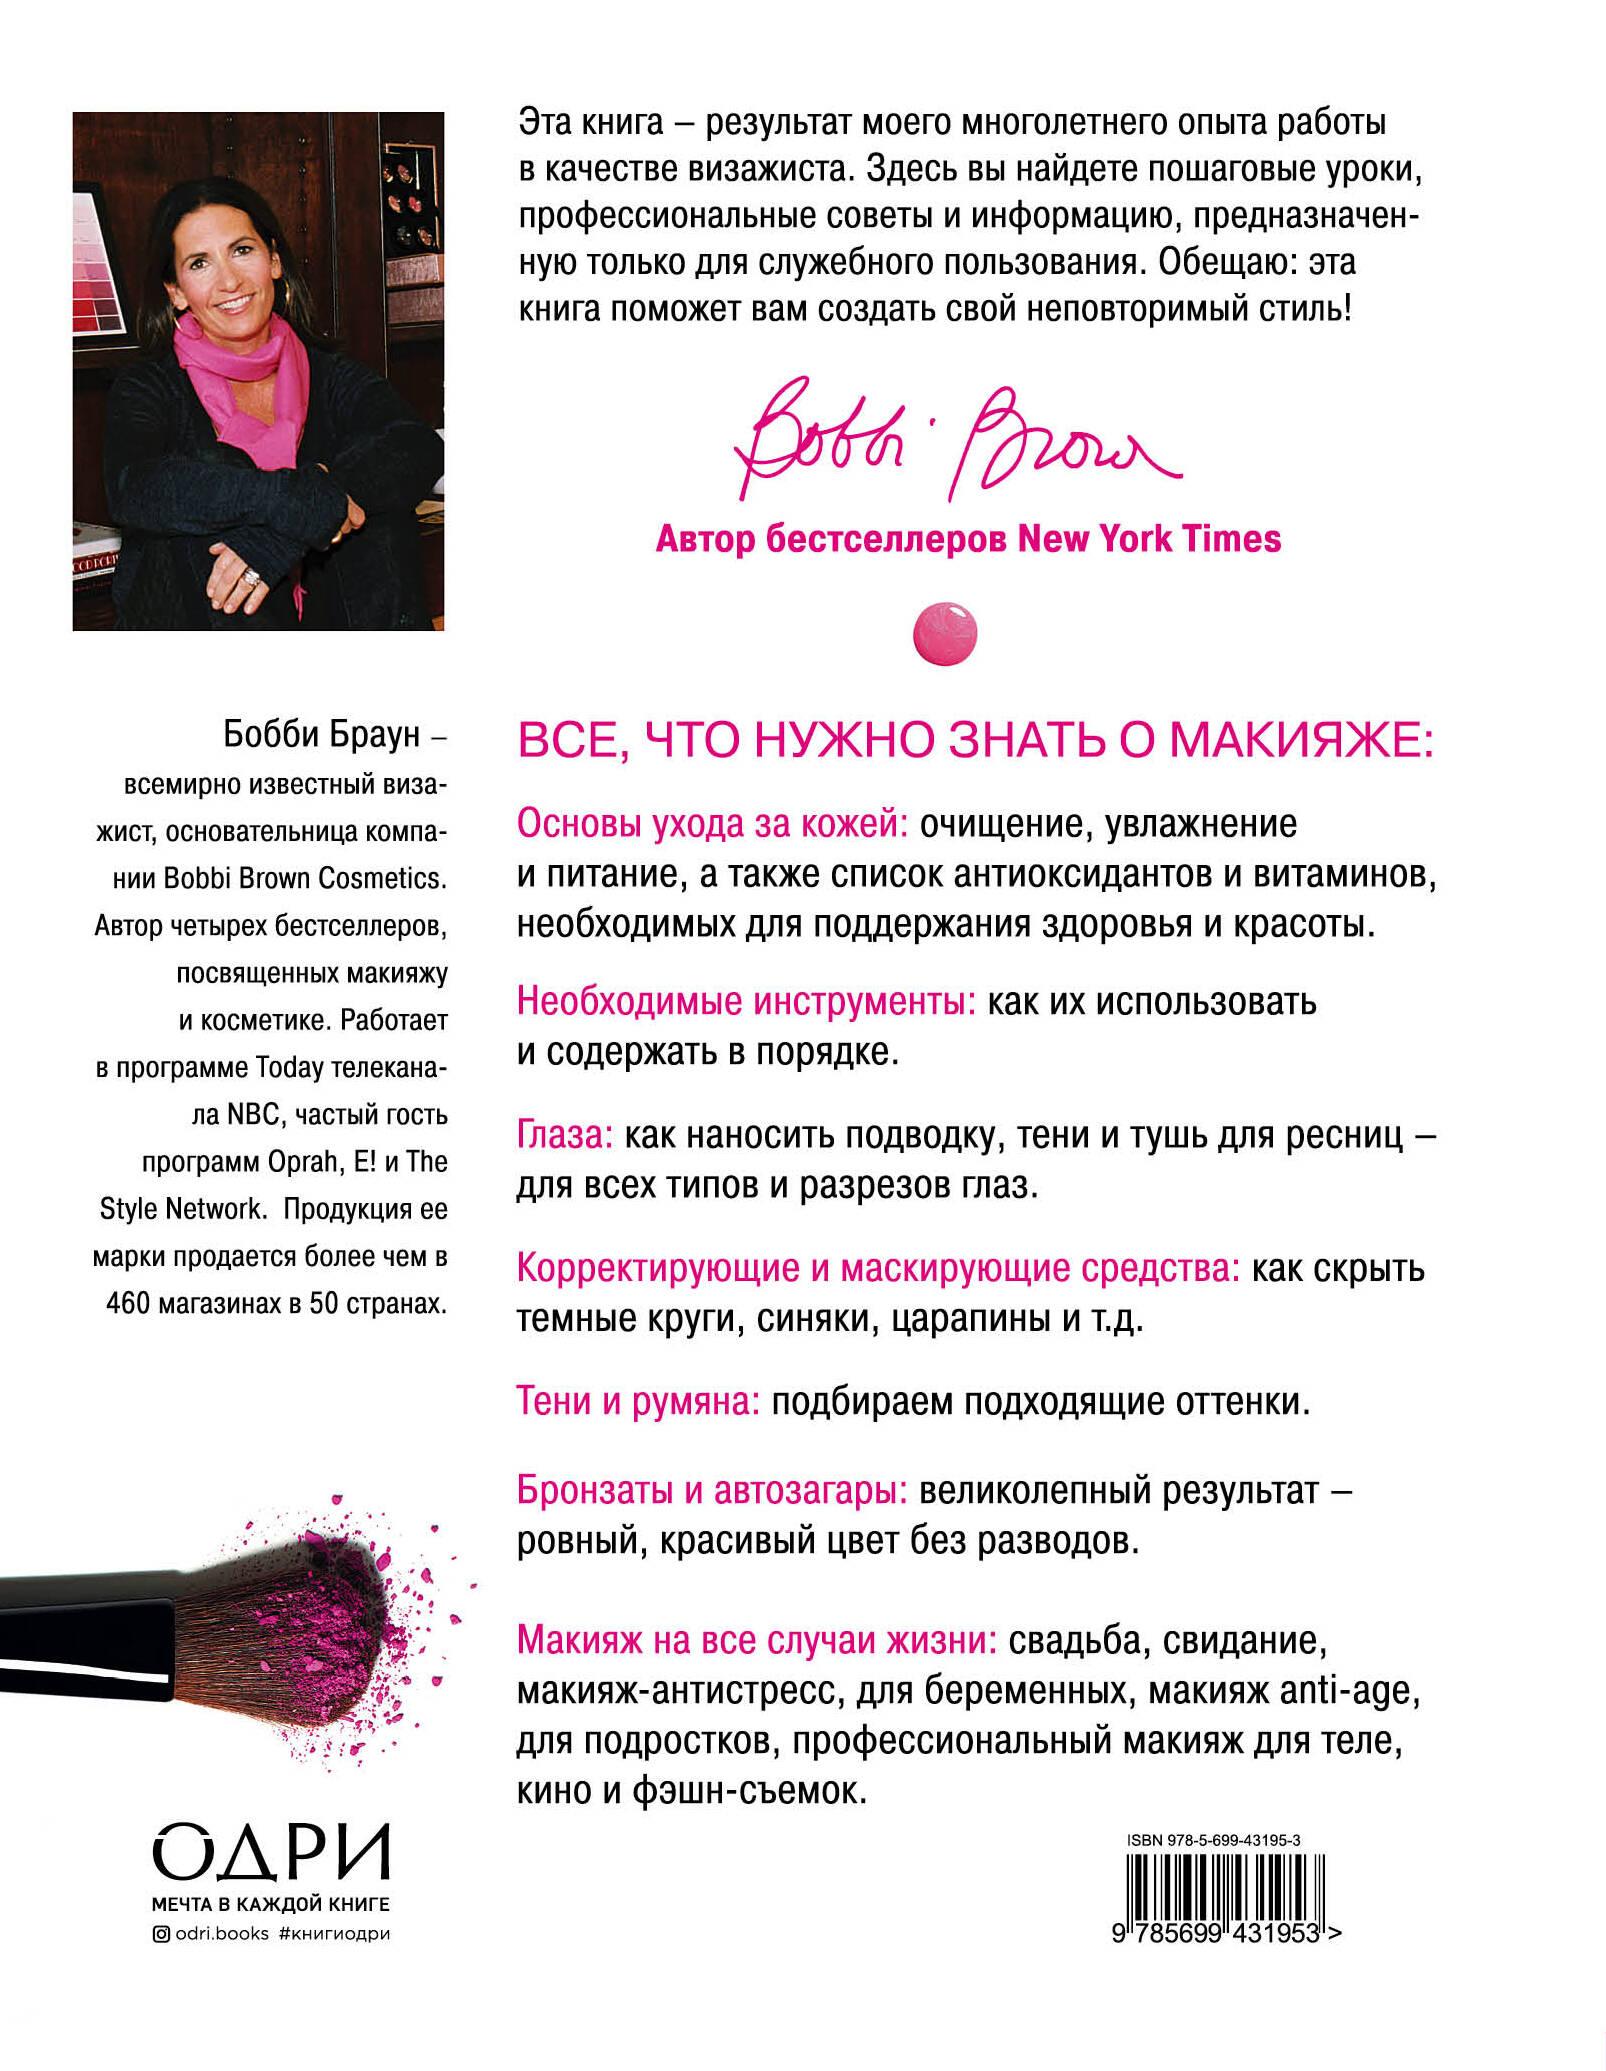 Профессиональная косметика для визажистов боби браун 21 фотография